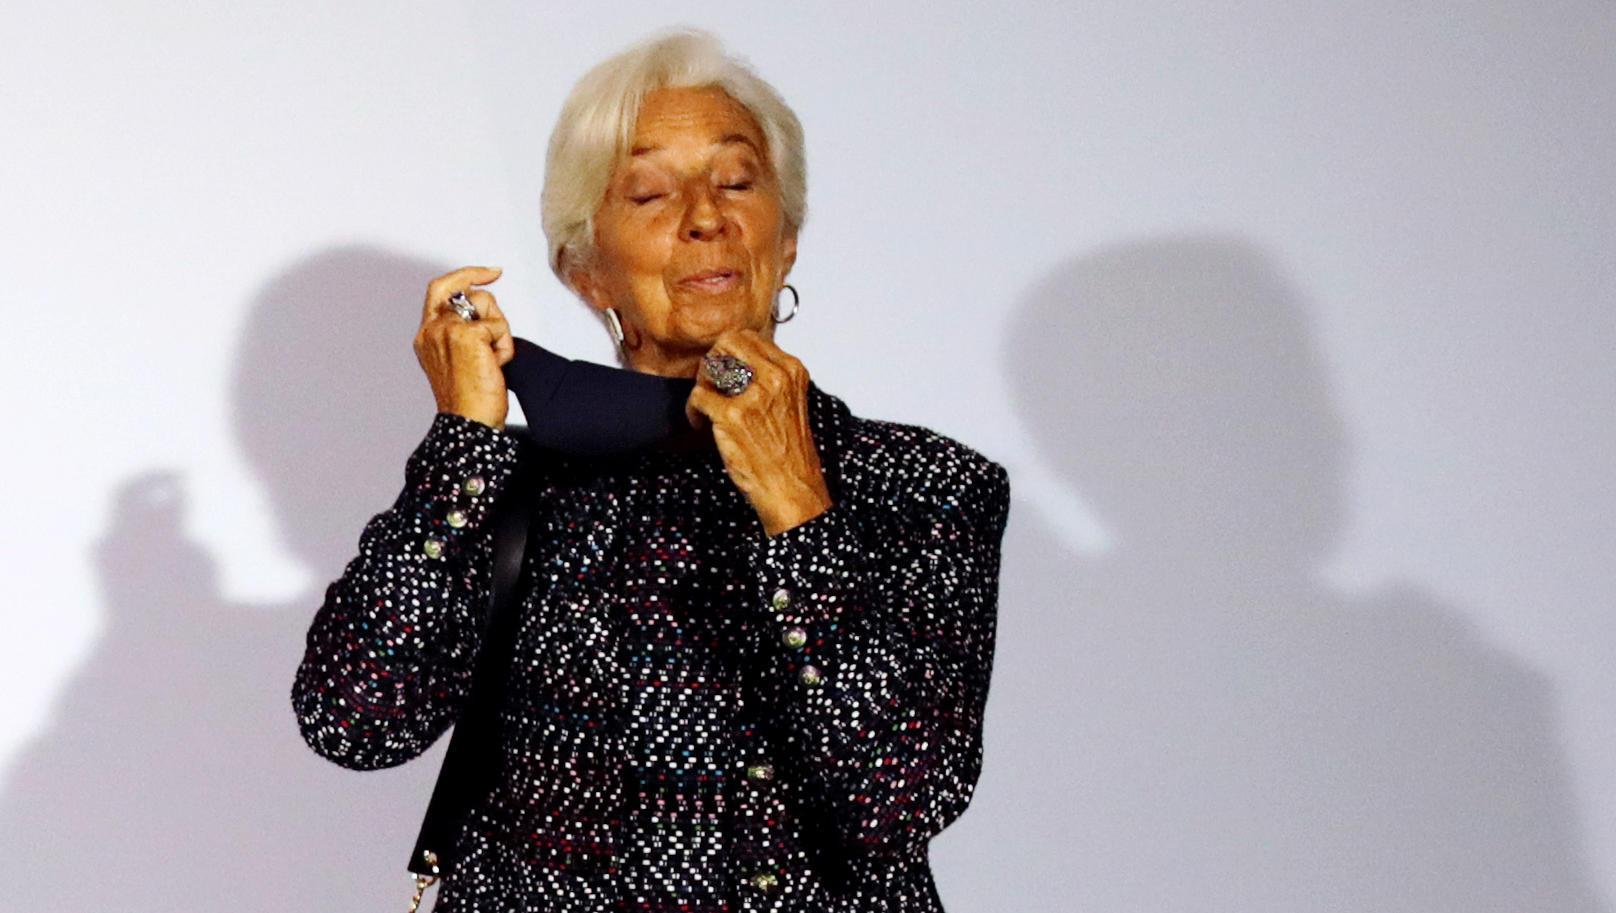 EZB versorgt Banken mit neuem Geldregen - zu negativen Zinsen